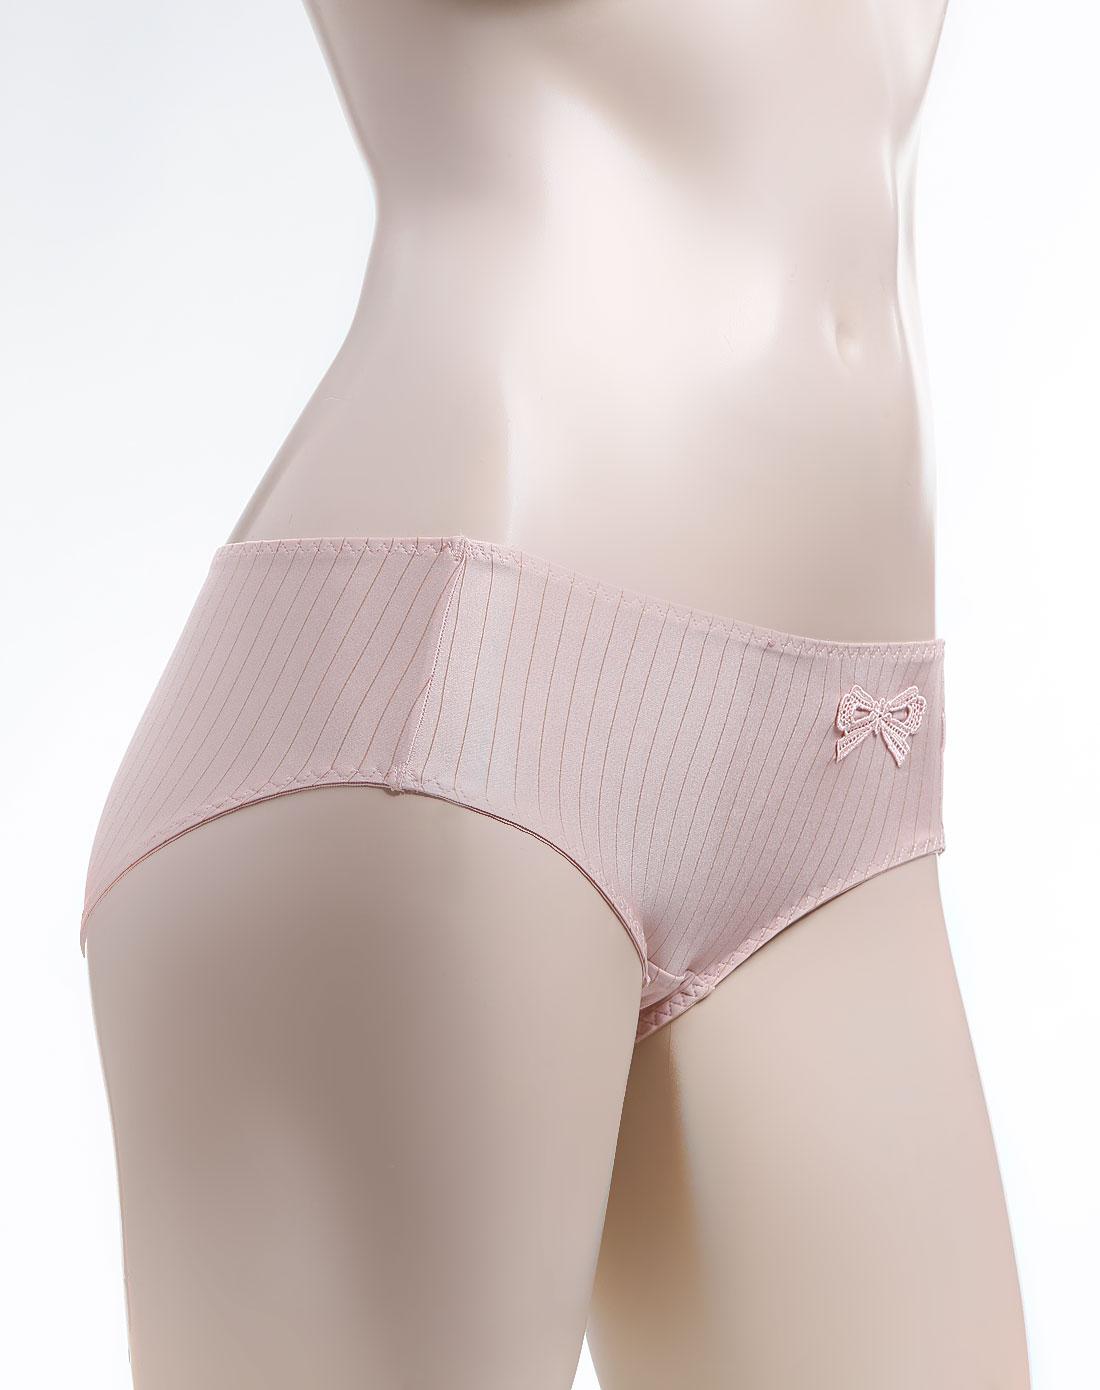 marie粉色三角裤f964003-l14